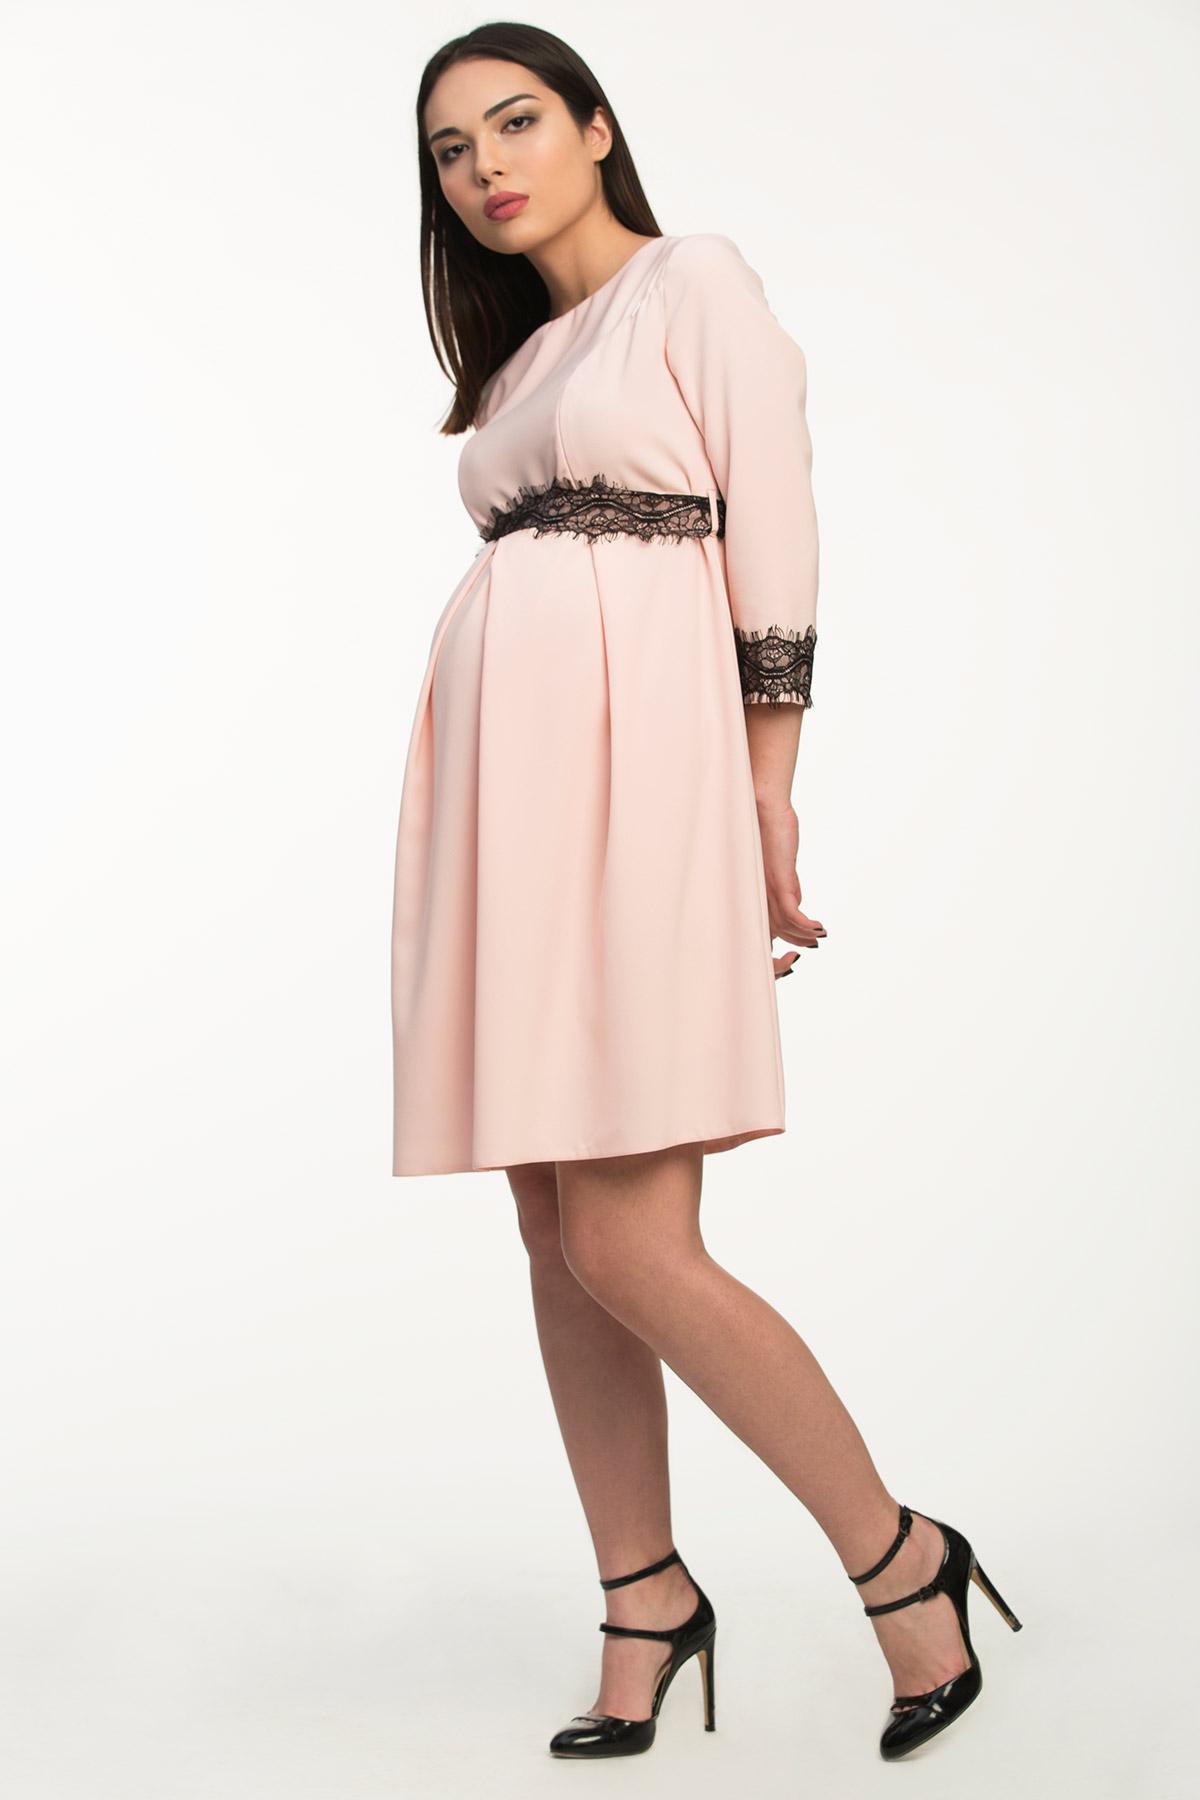 Нарядные платья для беременных фото